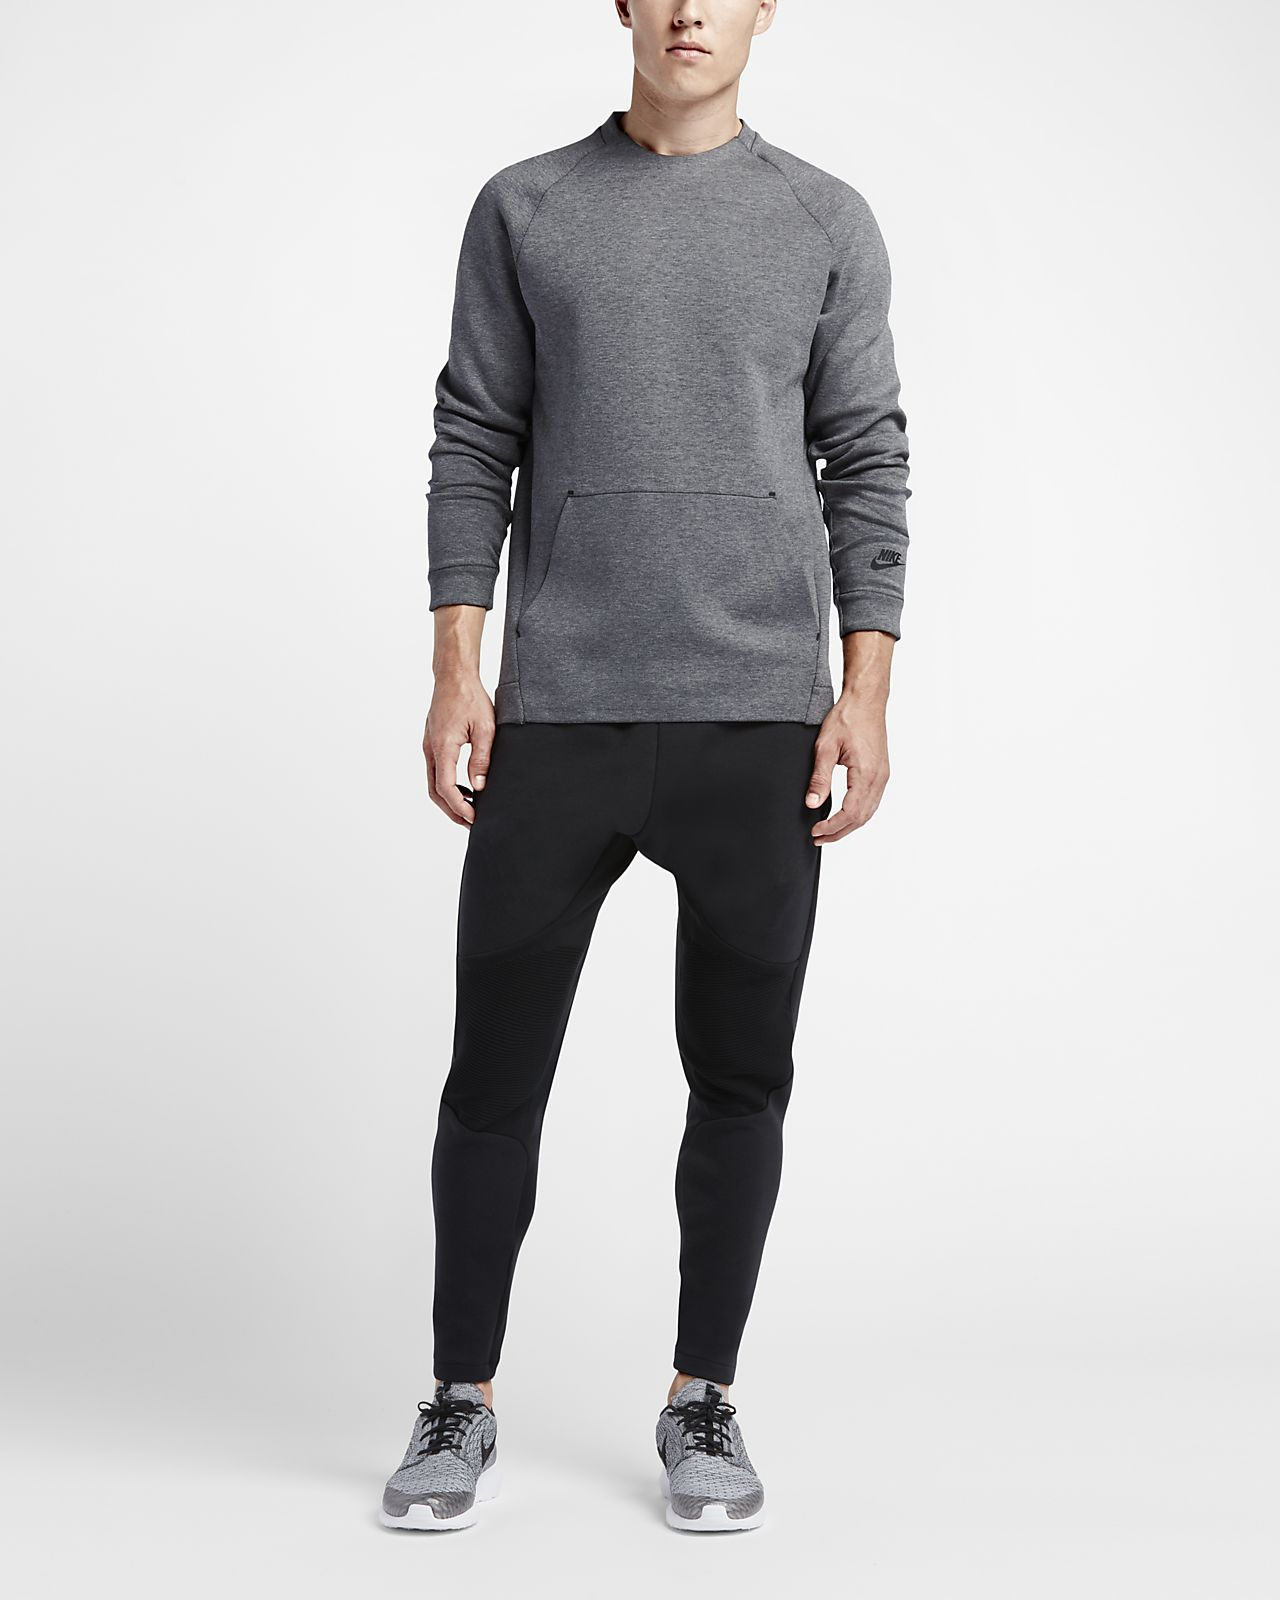 Nike Sportswear Tech Fleece Men's Long Sleeve Crew